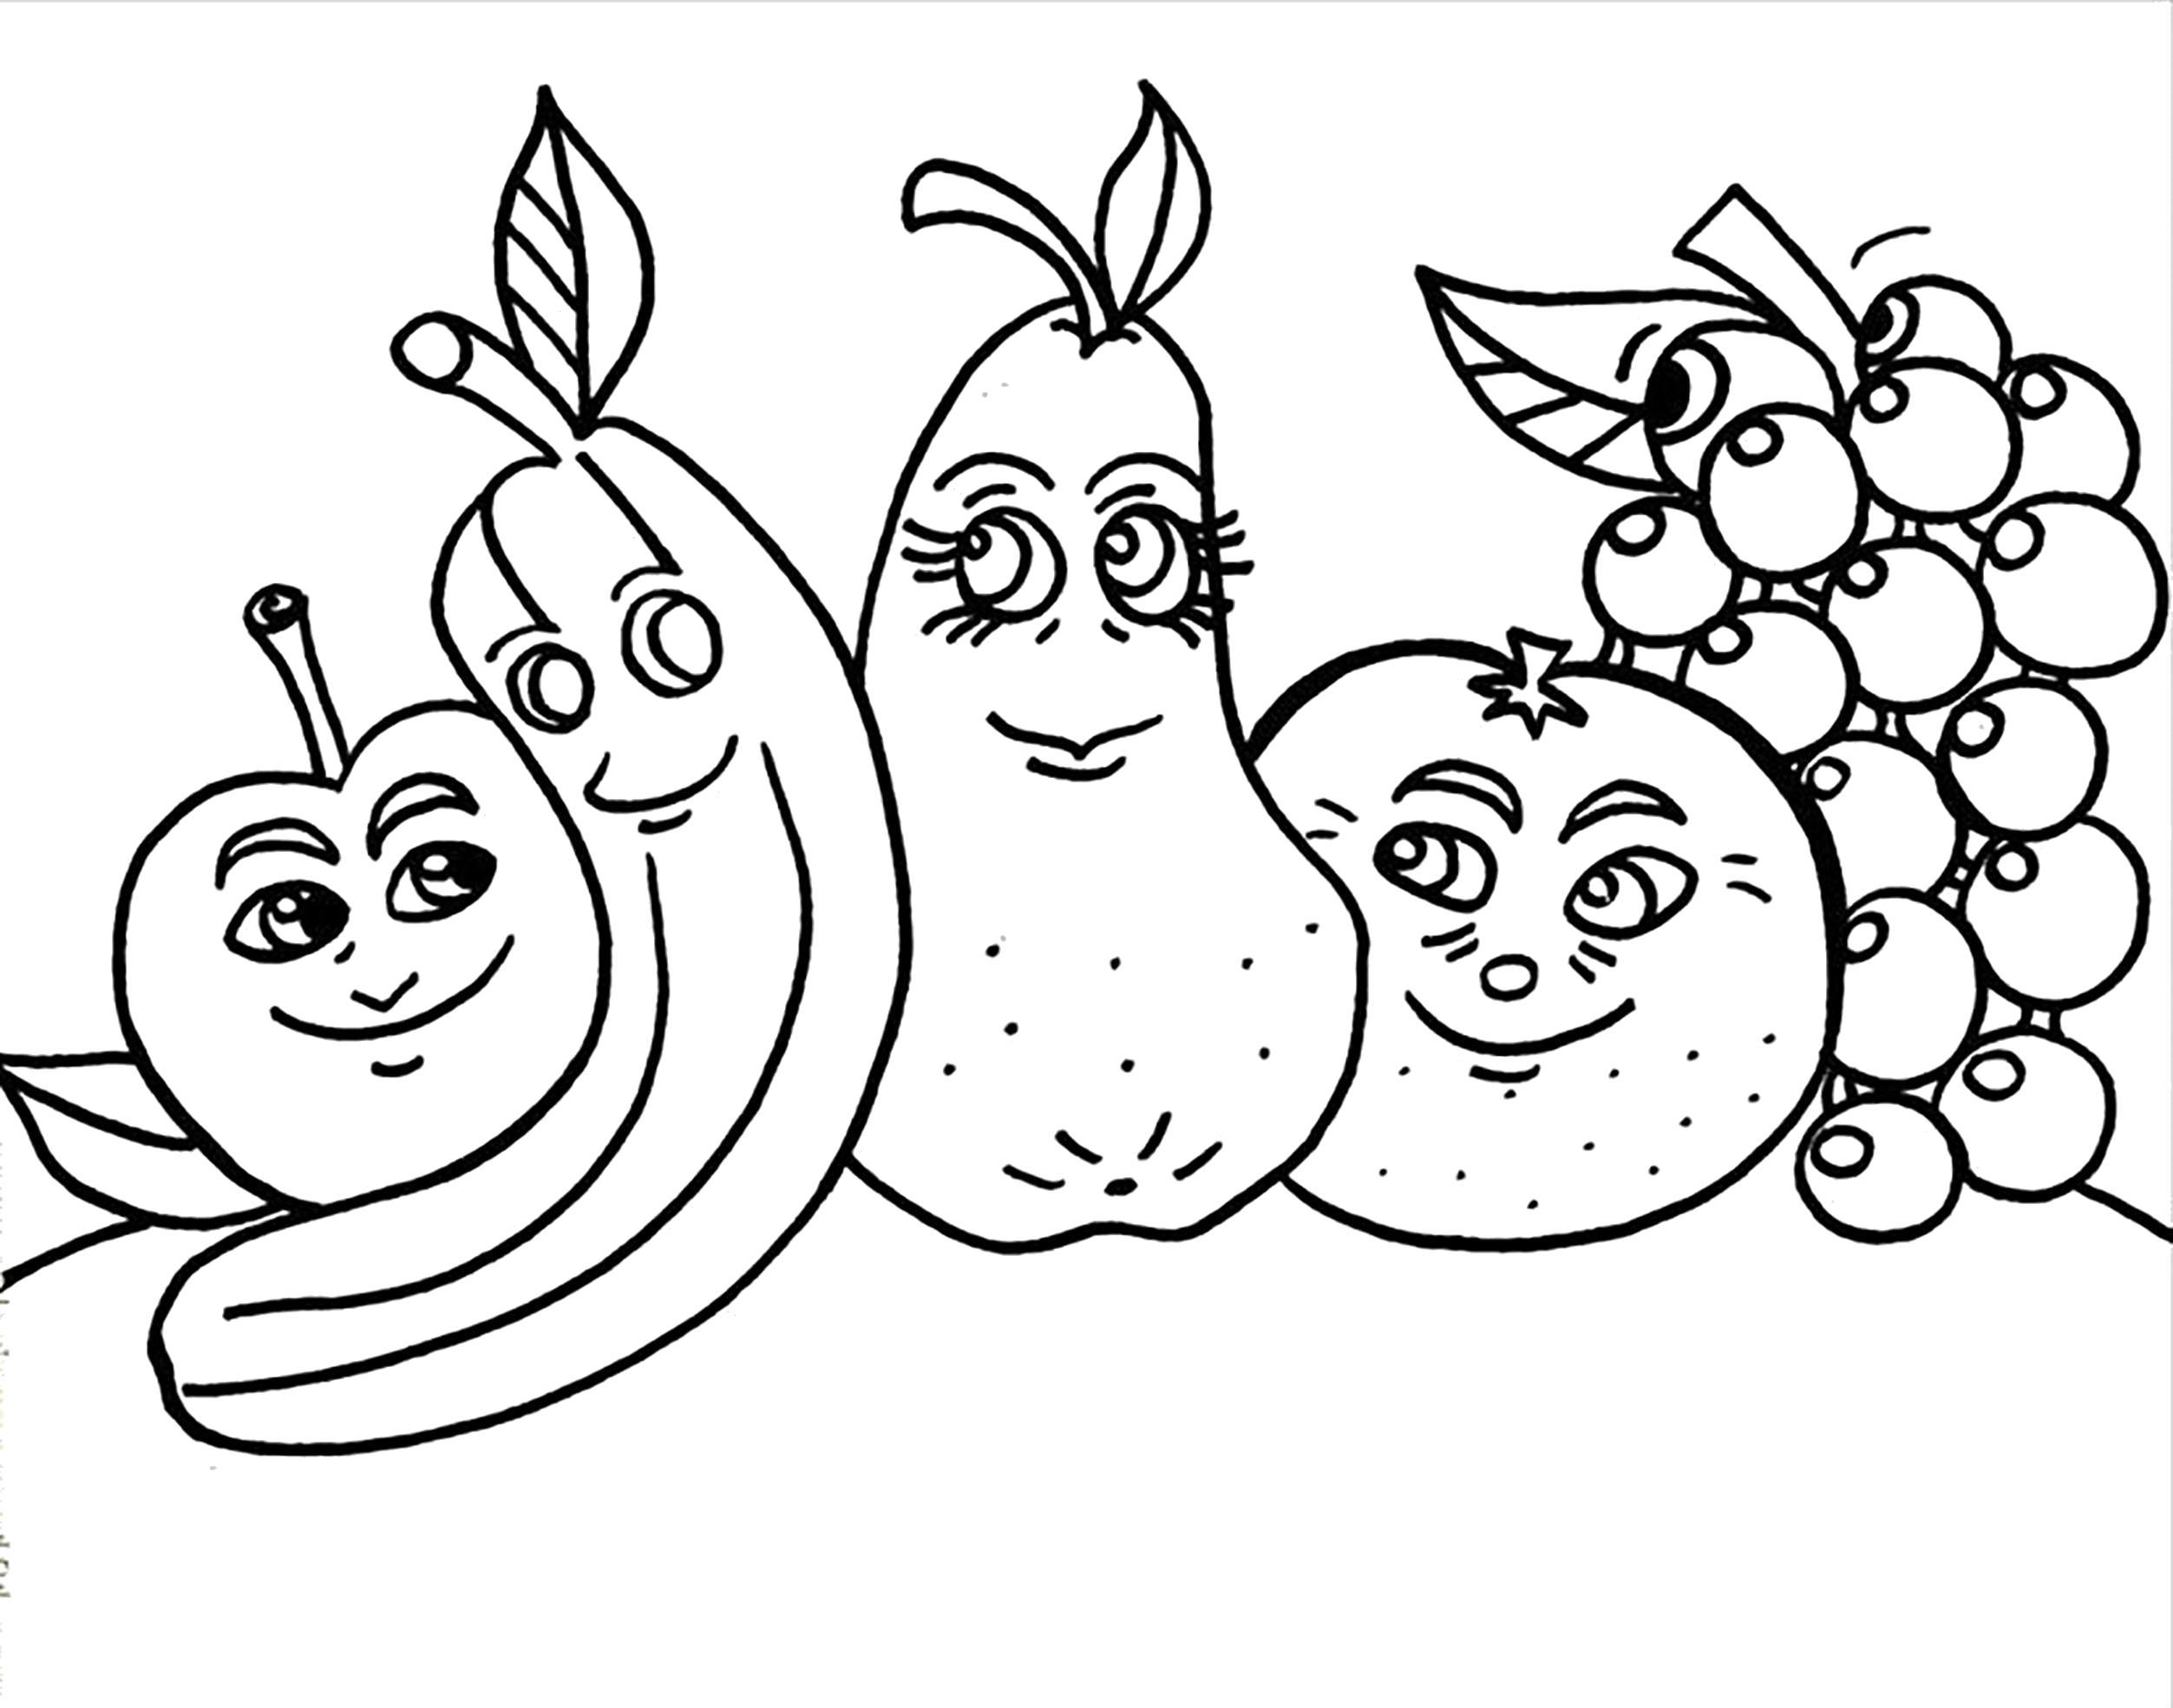 сведения, картинки раскраски витамины японская манга